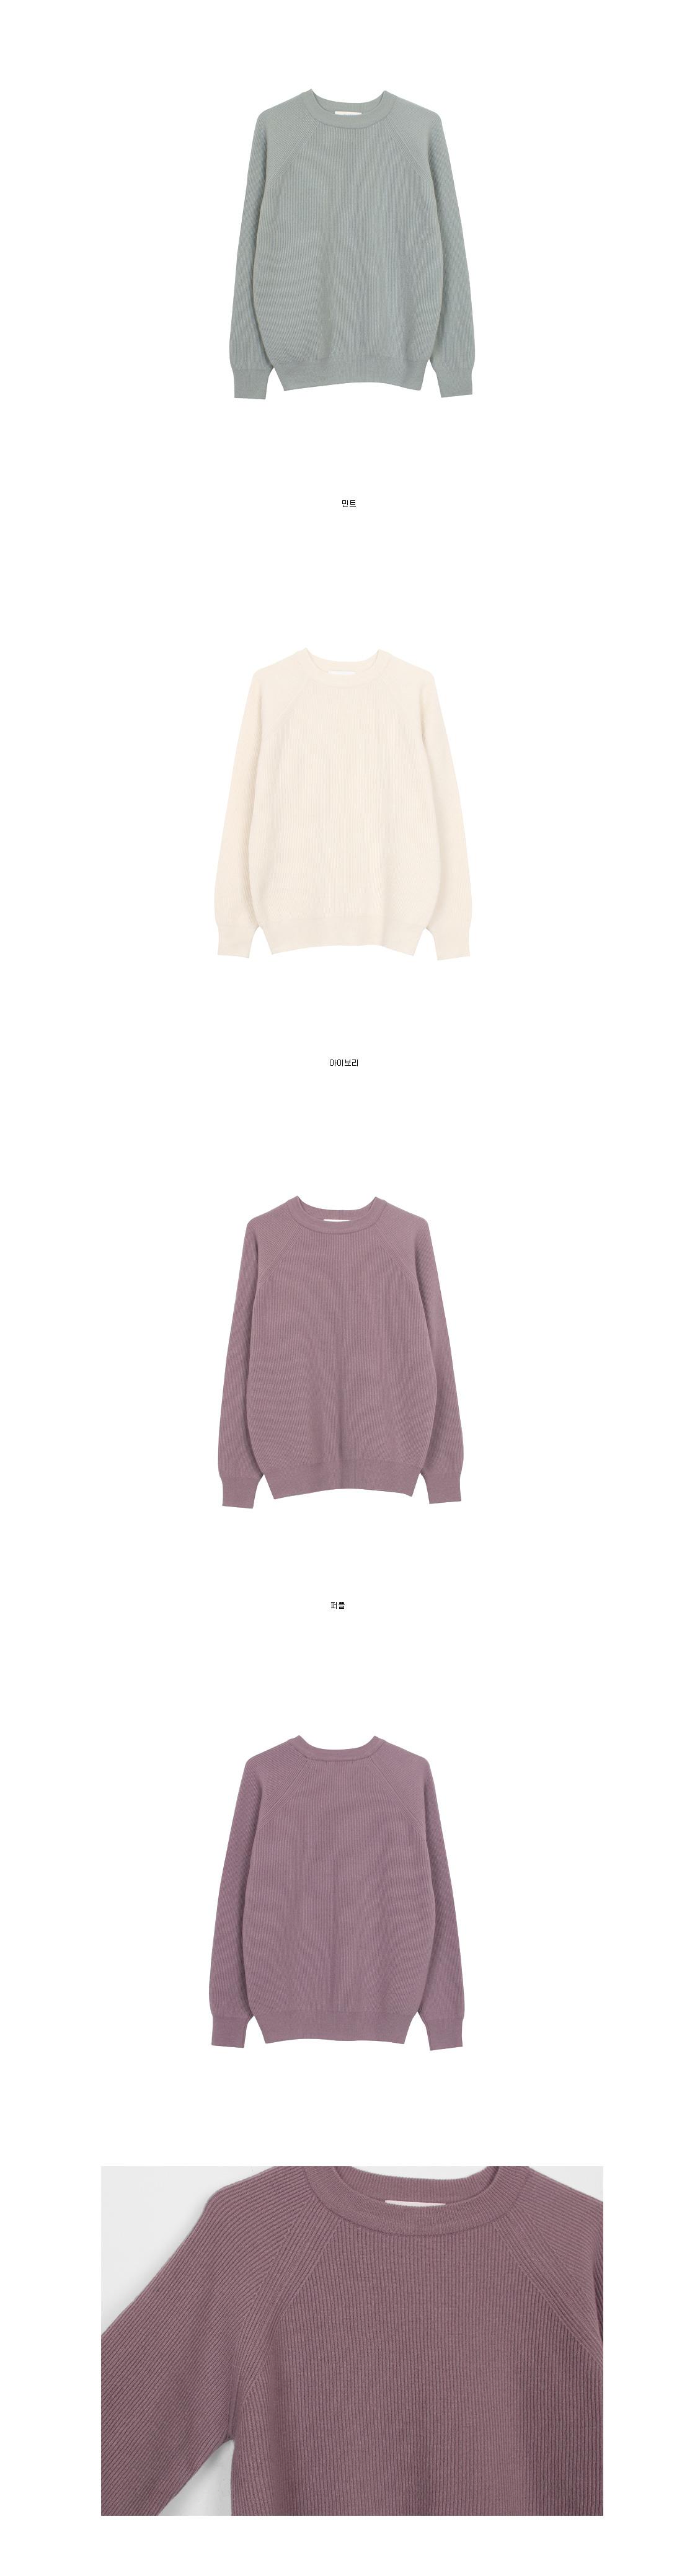 Raglan golgi knit